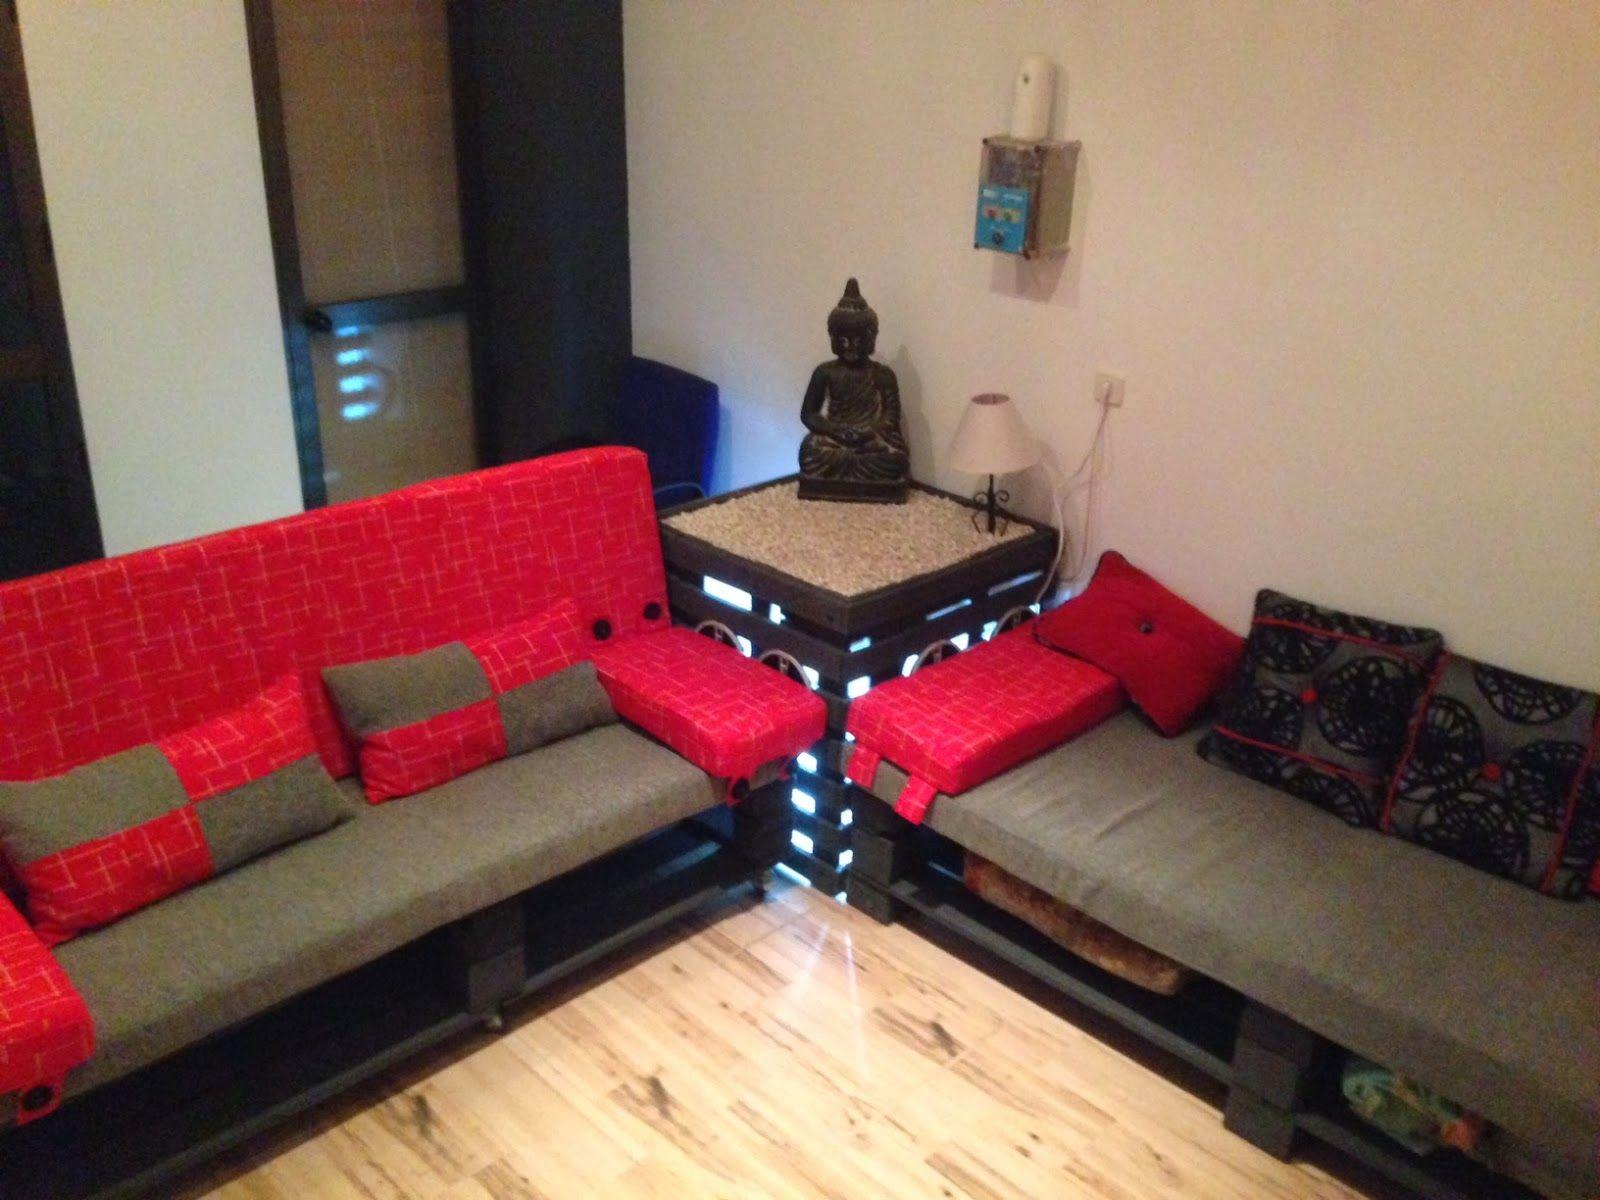 sofas y mesita home cinema hechos de palets muebles de palets